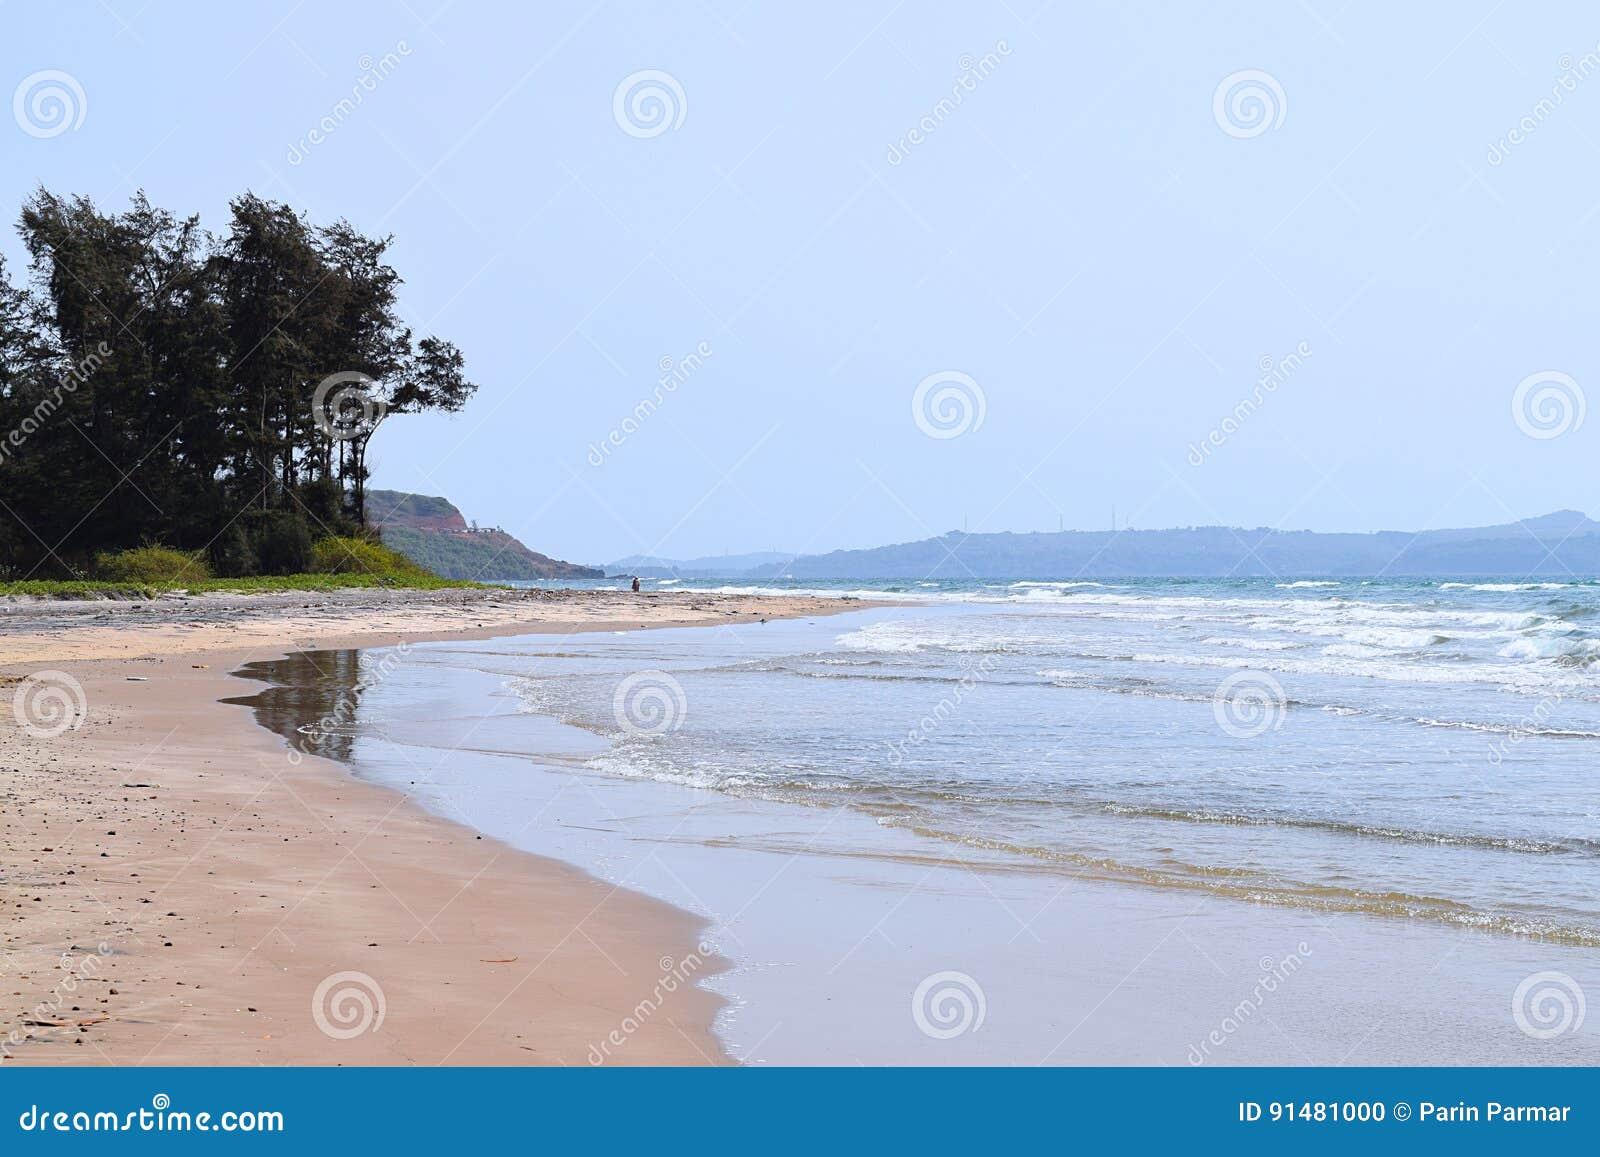 商品海滩-一个平静和原始海滩在Ganpatipule,拉特纳吉里,马哈拉施特拉,印度